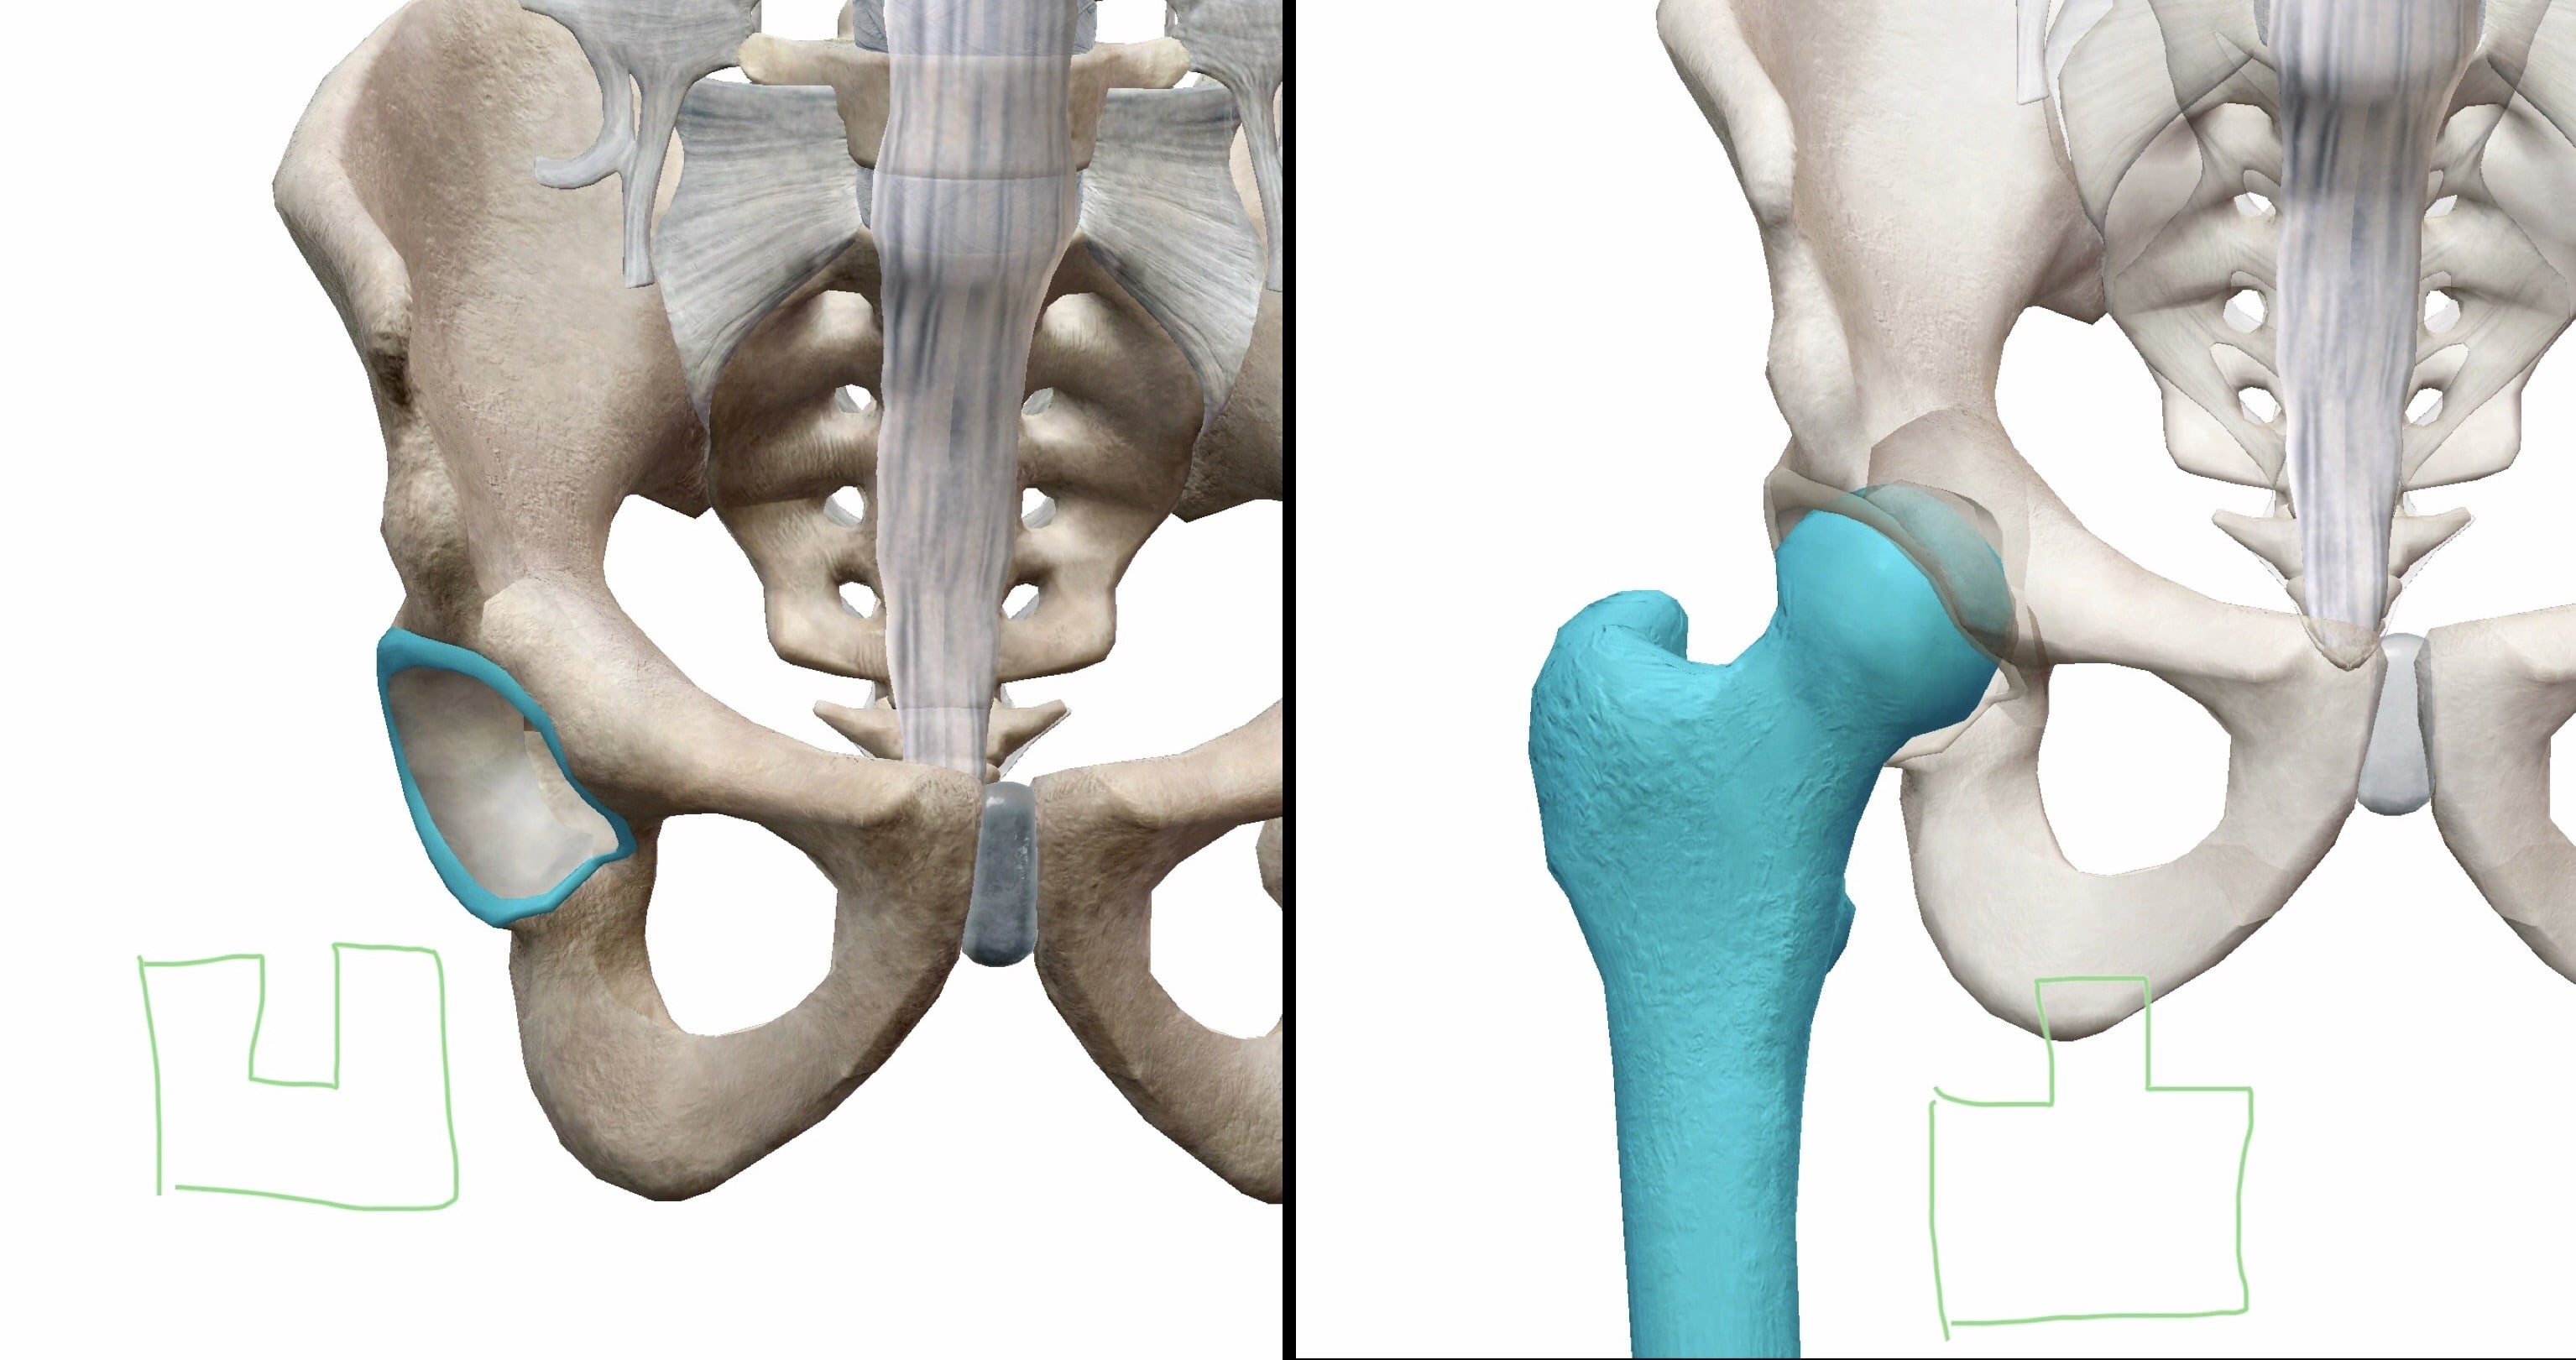 股関節の凹凸関係の図